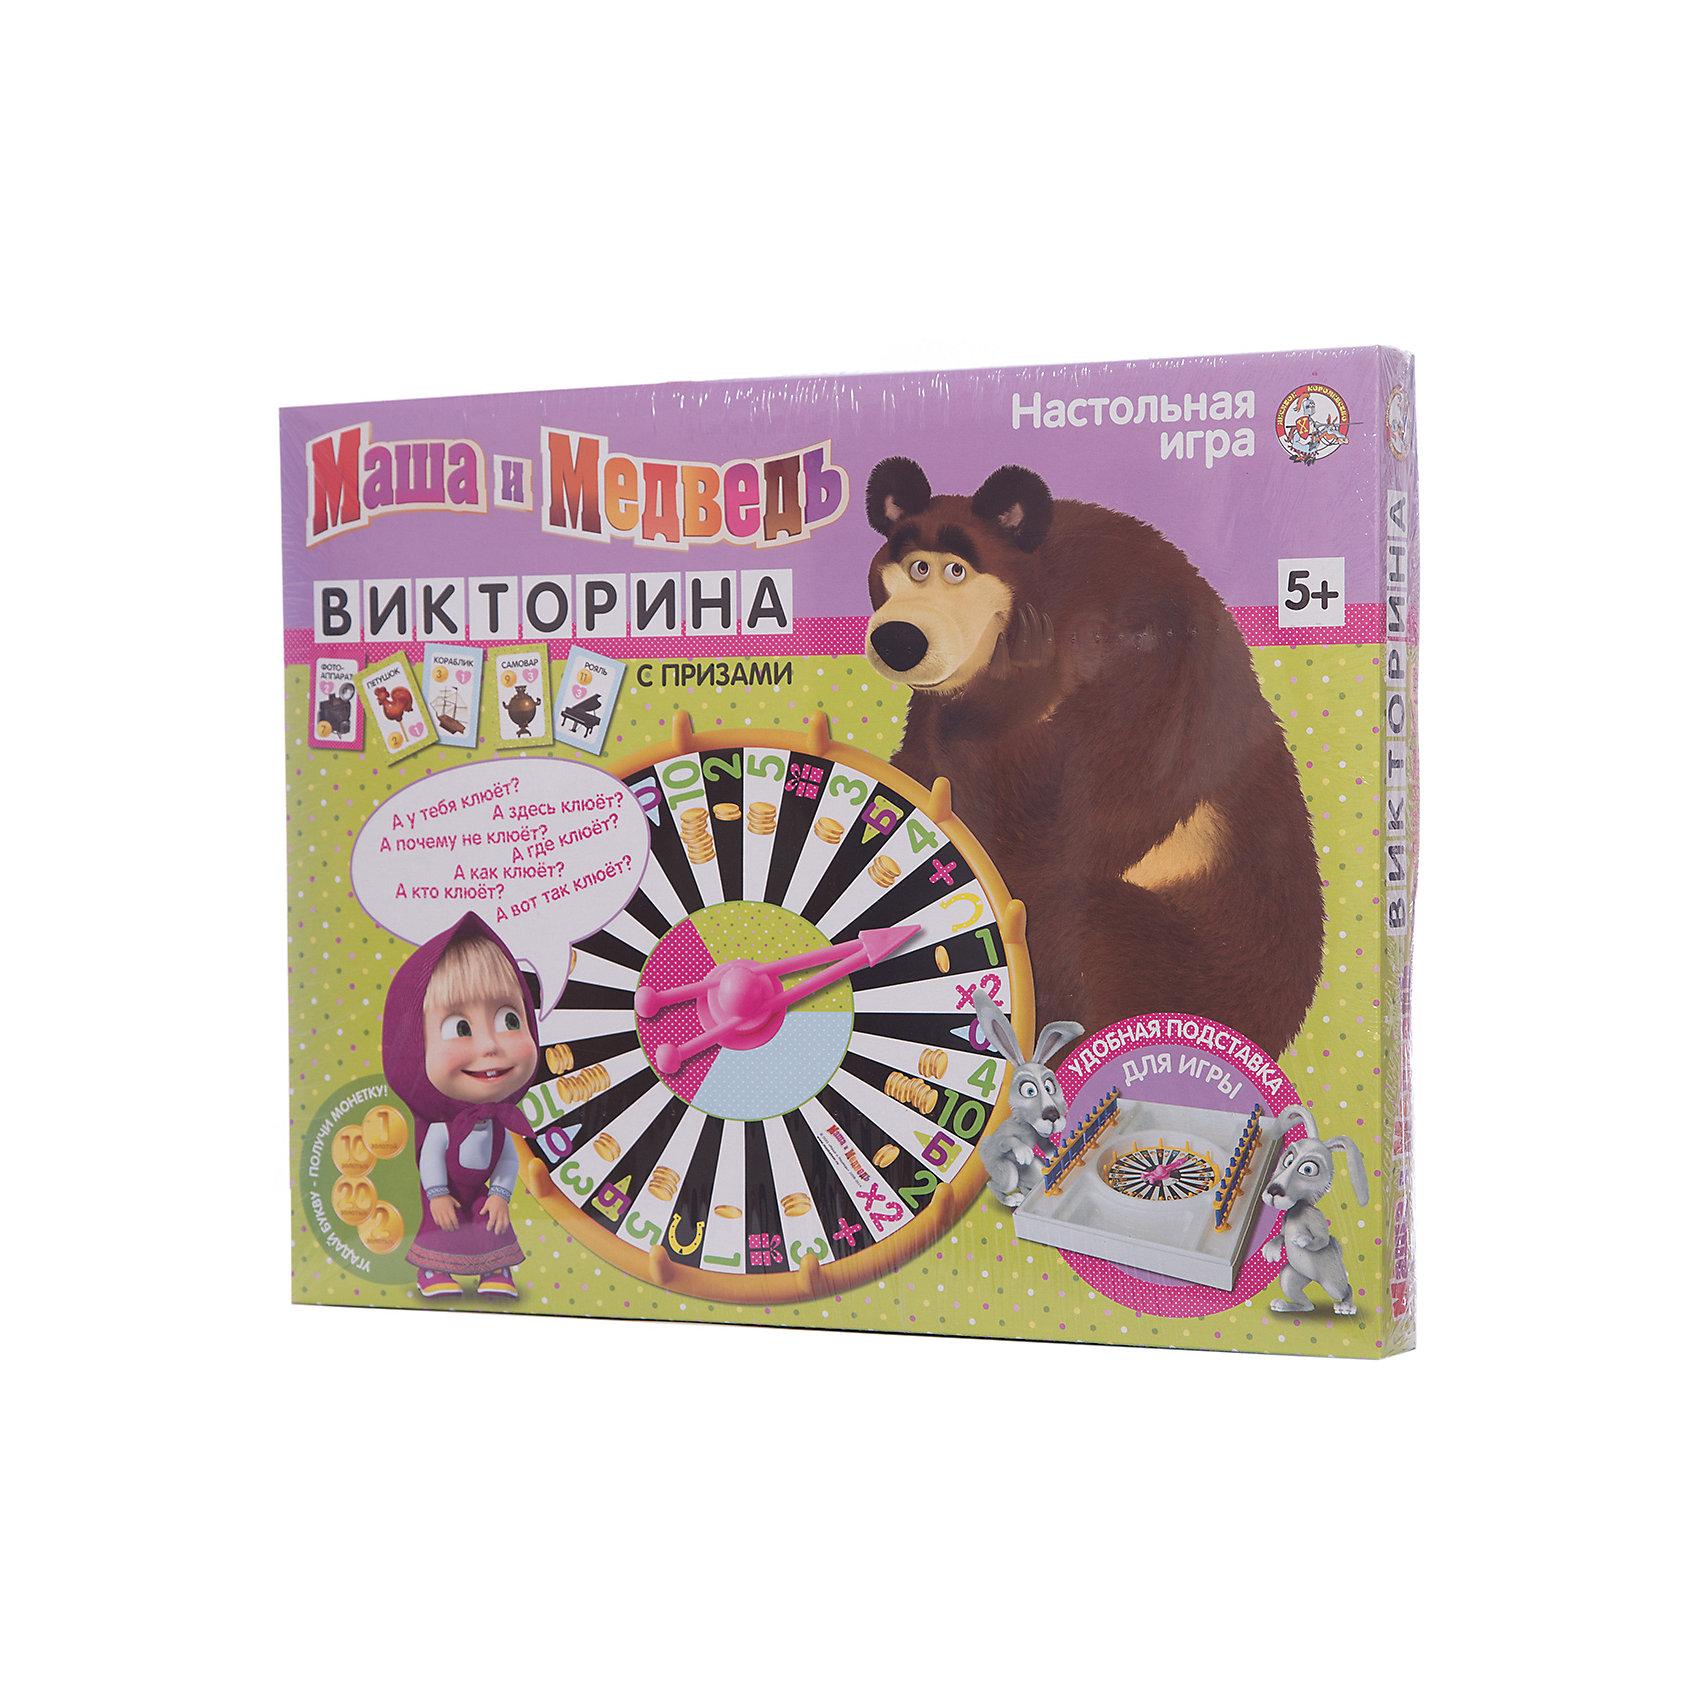 Викторина Маша и Медведь, Десятое королевствоВикторины<br>Викторина Маша и Медведь, Десятое королевство - увлекательная развивающая игра с любимыми героями, которая познакомит Вашего ребенка с цифрами и счетом и поможет освоить чтение. В игре могут участвовать от 2 и более игроков, можно играть командами. Правила игры простые и понятные для ребенка: ведущий загадывает слово и выкладывает его на табло. Все участники по очереди должны будут отгадать его по веселым определениям в инструкции к игре. Задача каждого игрока - получить как можно больше призов и заработать как можно больше очков. Игра способствует развитию воображения, творческих и коммуникативных навыков.<br><br>Дополнительная информация:<br><br>- В комплекте: барабан-рулетка, игровое поле, 4 табло, 70 монет, 2 комплекта карточек букв, 36 карточек-призов, правила игры.<br>- Материал: бумага, пластик.<br>- Размер барабана: 19 х 19 х 3,5 см.<br>- Размеры карточки с буквой: 2 х 2 см.<br>- Размеры карточки-приза: 5 х 3 см.<br>- Размер упаковки: 45 x 35 x 5 см.<br>- Вес: 0,45 кг.<br><br>Викторину Маша и Медведь, Десятое королевство, можно купить в нашем интернет-магазине.<br><br>Ширина мм: 450<br>Глубина мм: 350<br>Высота мм: 50<br>Вес г: 450<br>Возраст от месяцев: 36<br>Возраст до месяцев: 72<br>Пол: Унисекс<br>Возраст: Детский<br>SKU: 4329267